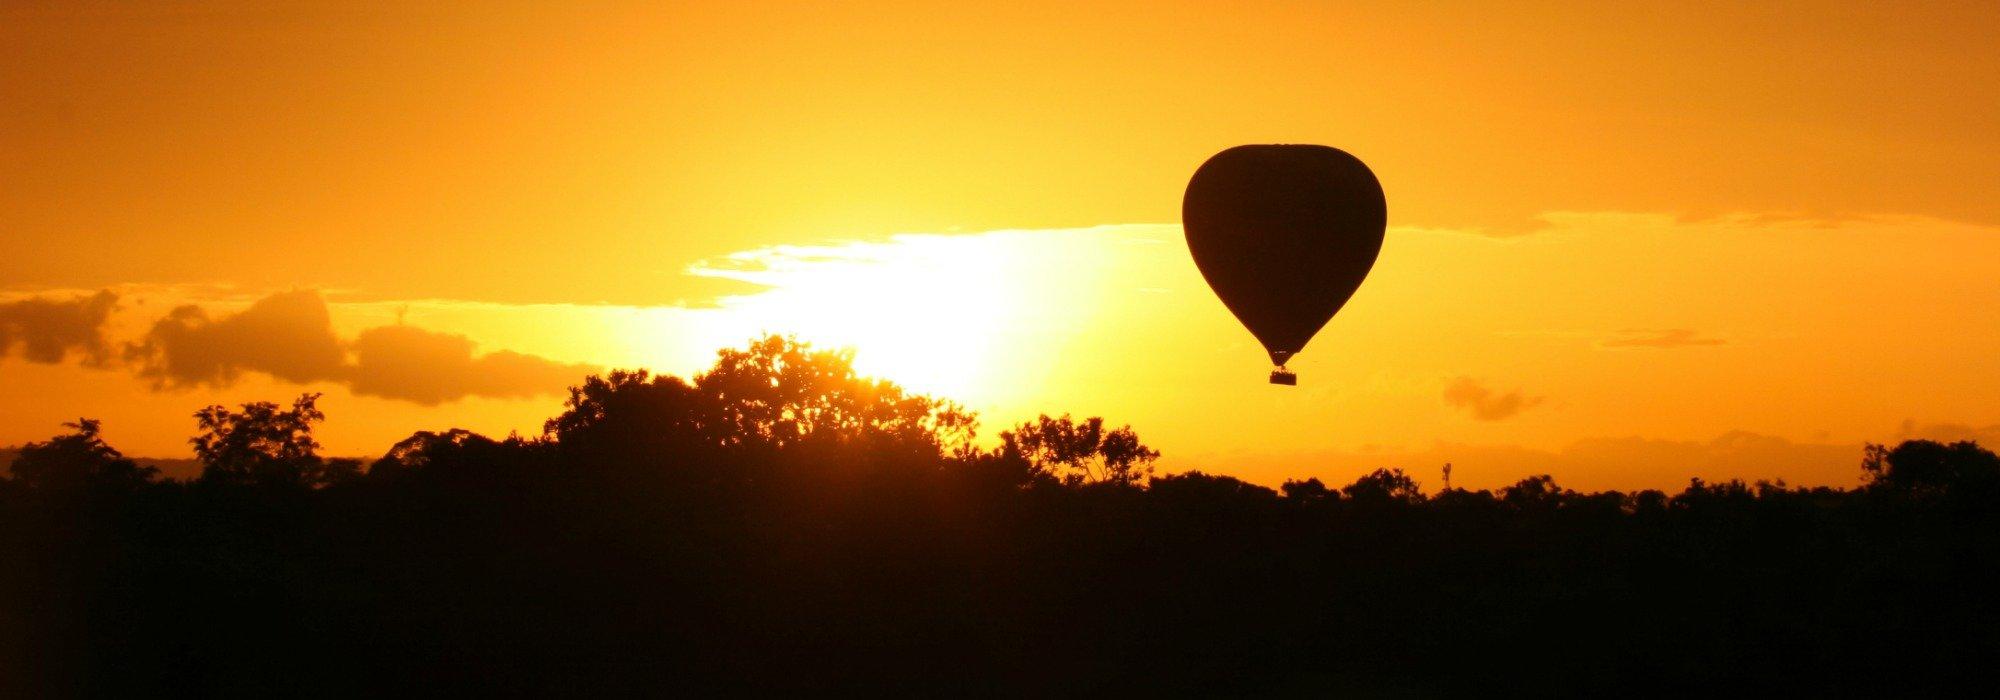 Maasai Mara Hot Air Balloon